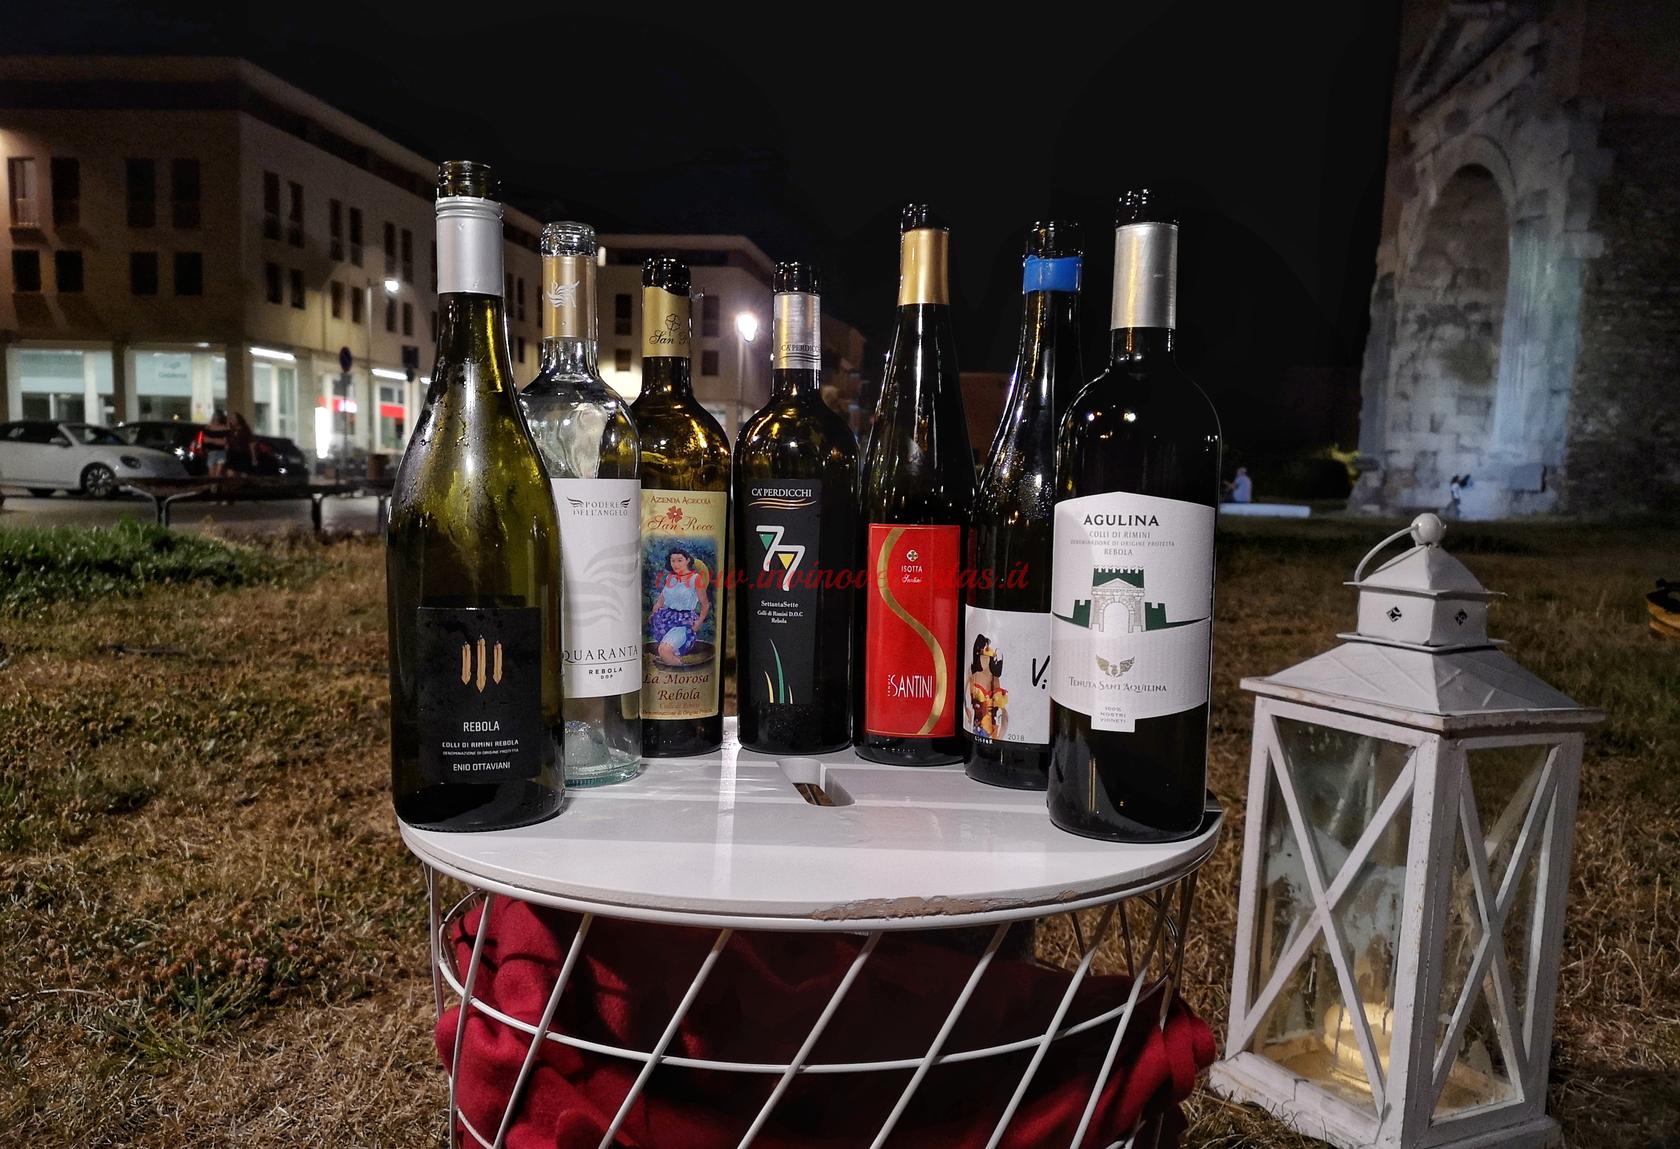 Le Sette Rebole serata Ristorante dallo zio Rimini - Bottiglie in degustazione